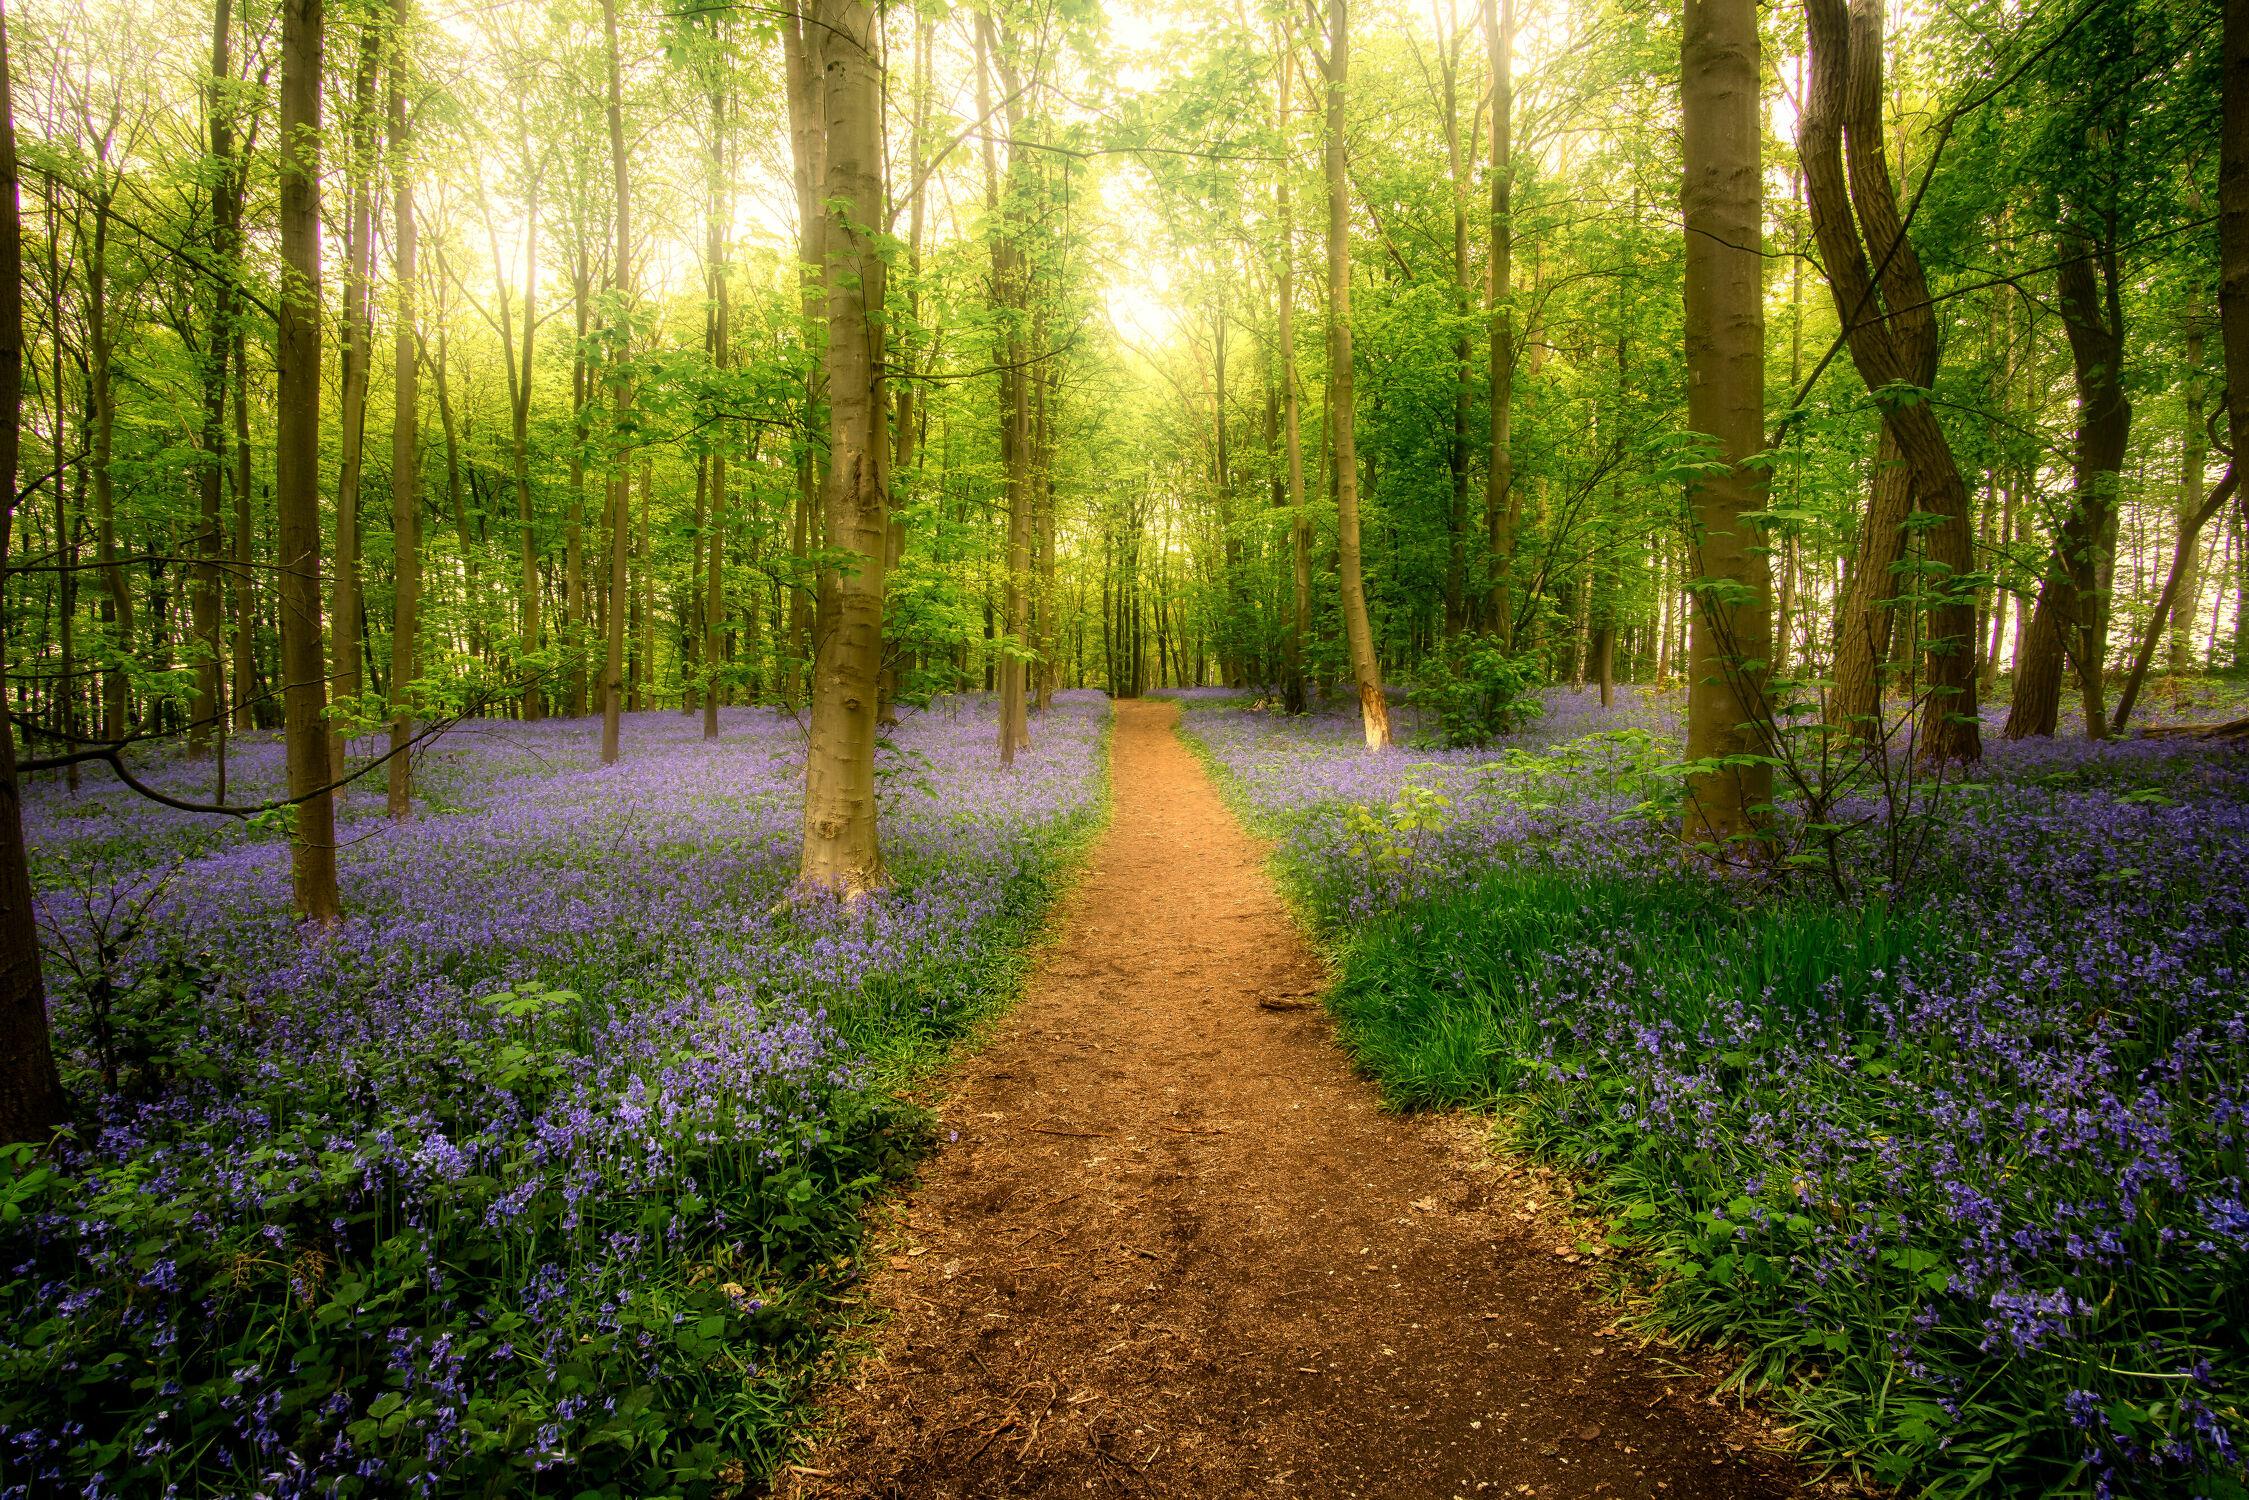 Bild mit Natur, Bäume, Blumen, Wald, Landschaft, Märchenwald, Wiese, Licht, stimmungsvoll, Haselglöckchen